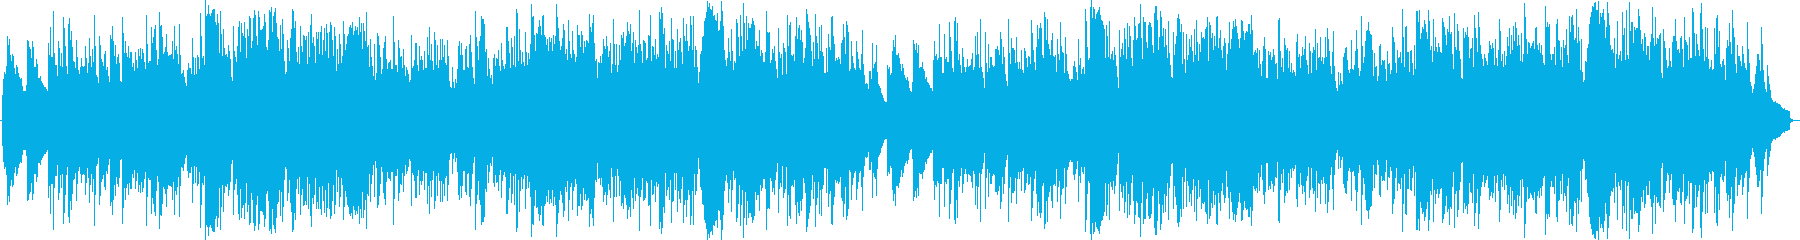 夕陽見ながら まったり生アコーディオンの再生済みの波形